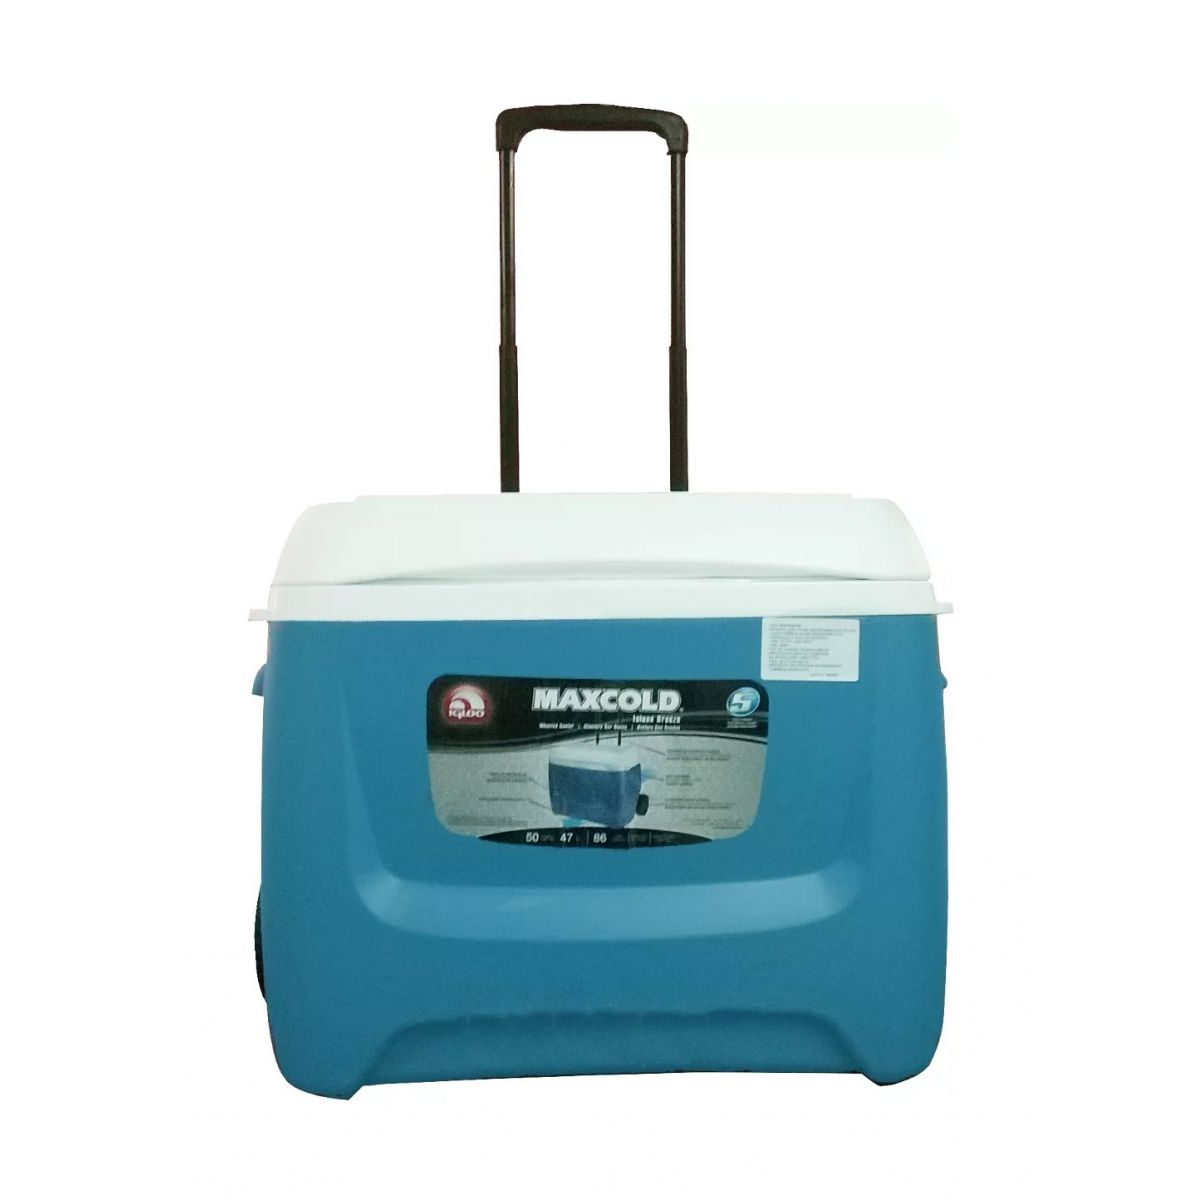 Caixa Termica/Cooler Nautika Island Breeze Maxcold 50Qt 47L